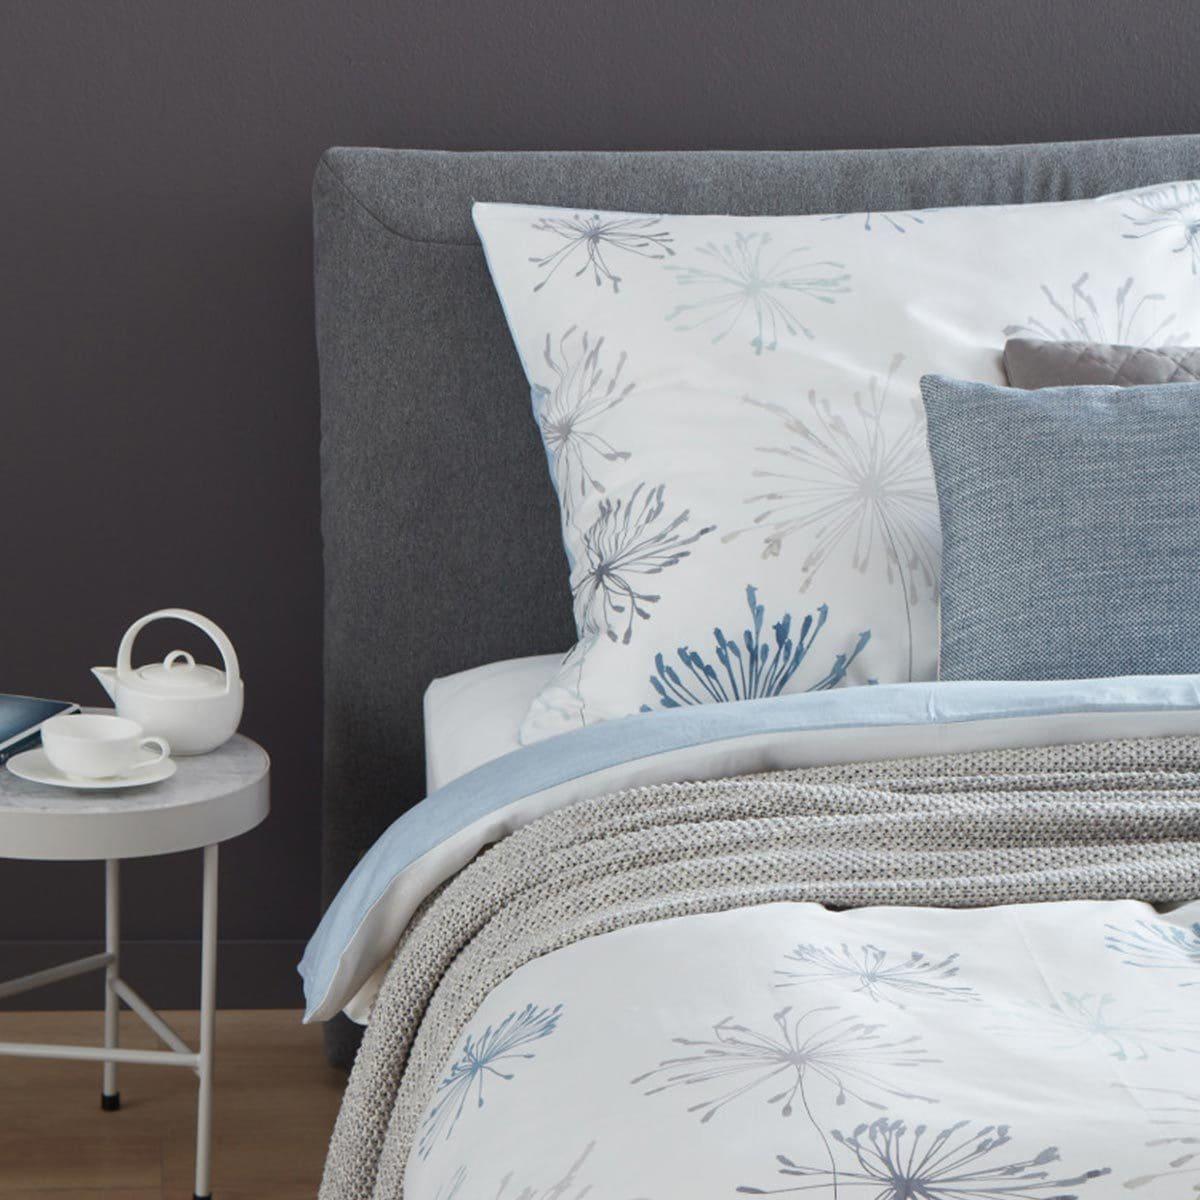 sch ner wohnen mako satin wendebettw sche marge b mint blau g nstig online kaufen bei bettwaren shop. Black Bedroom Furniture Sets. Home Design Ideas